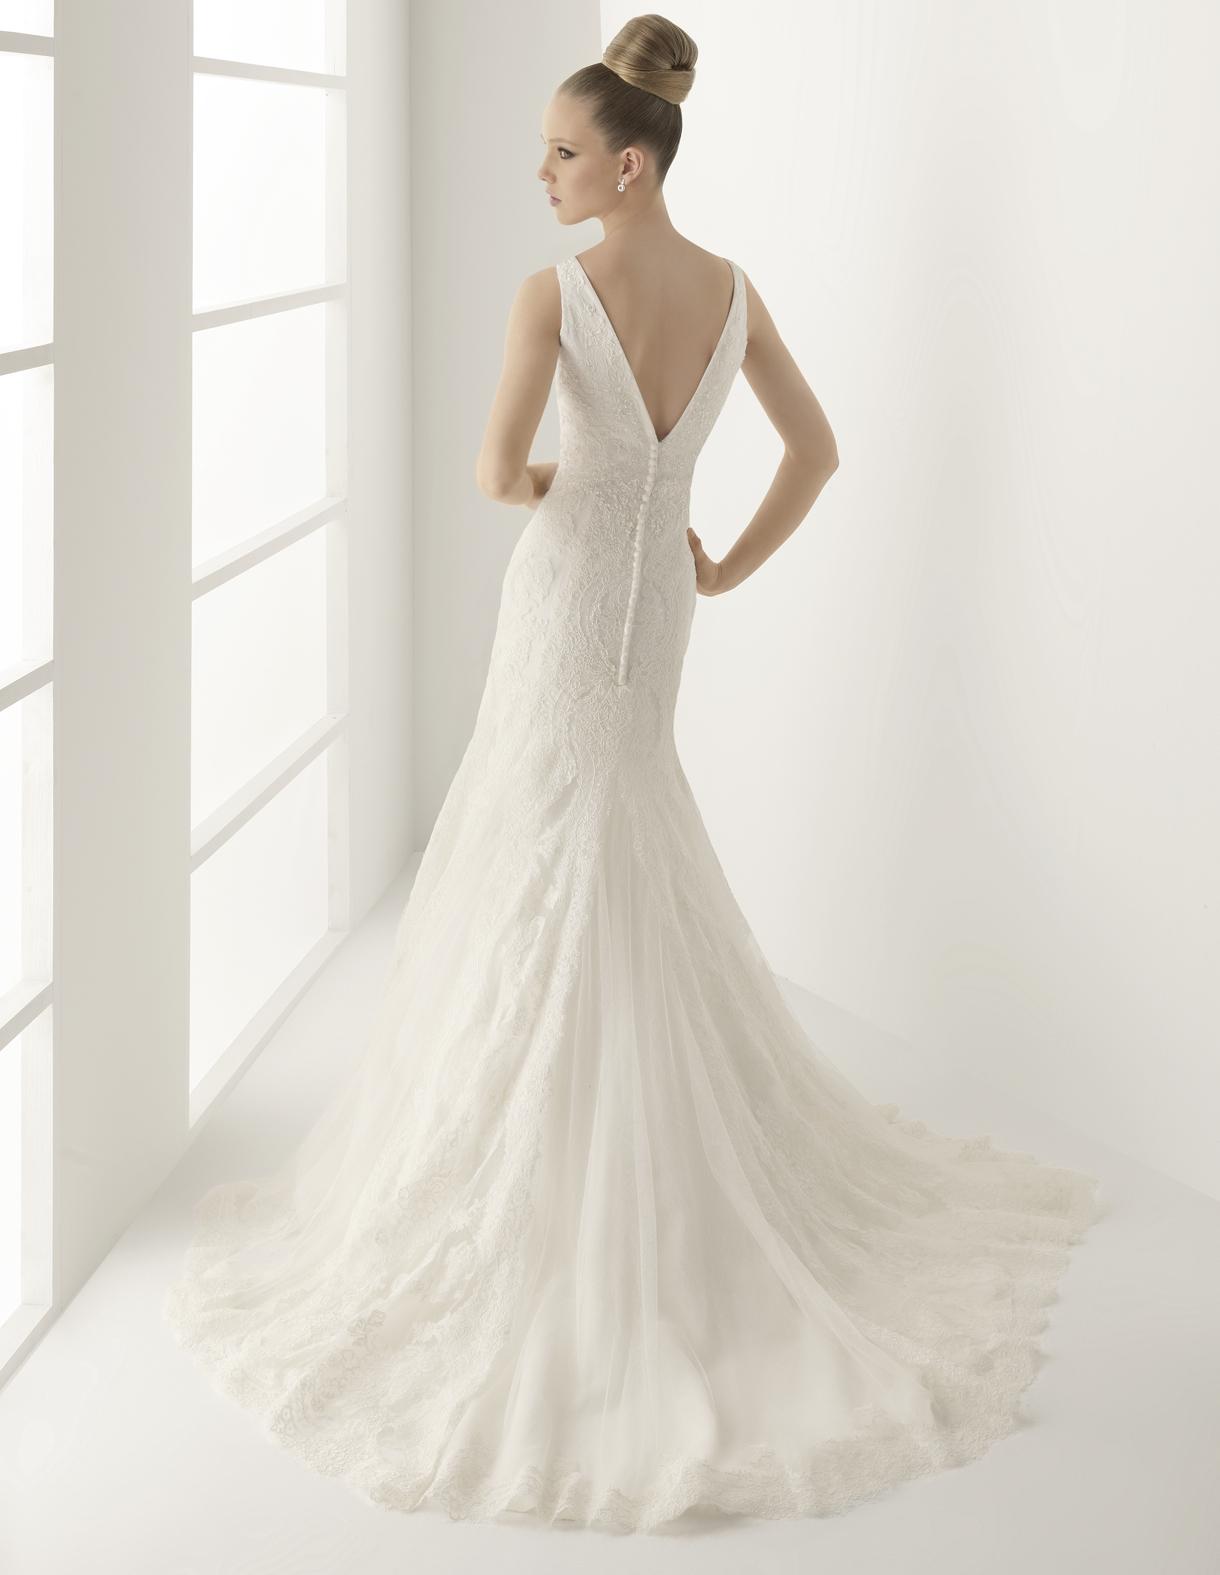 Alquiler de vestidos de novia baratos en madrid